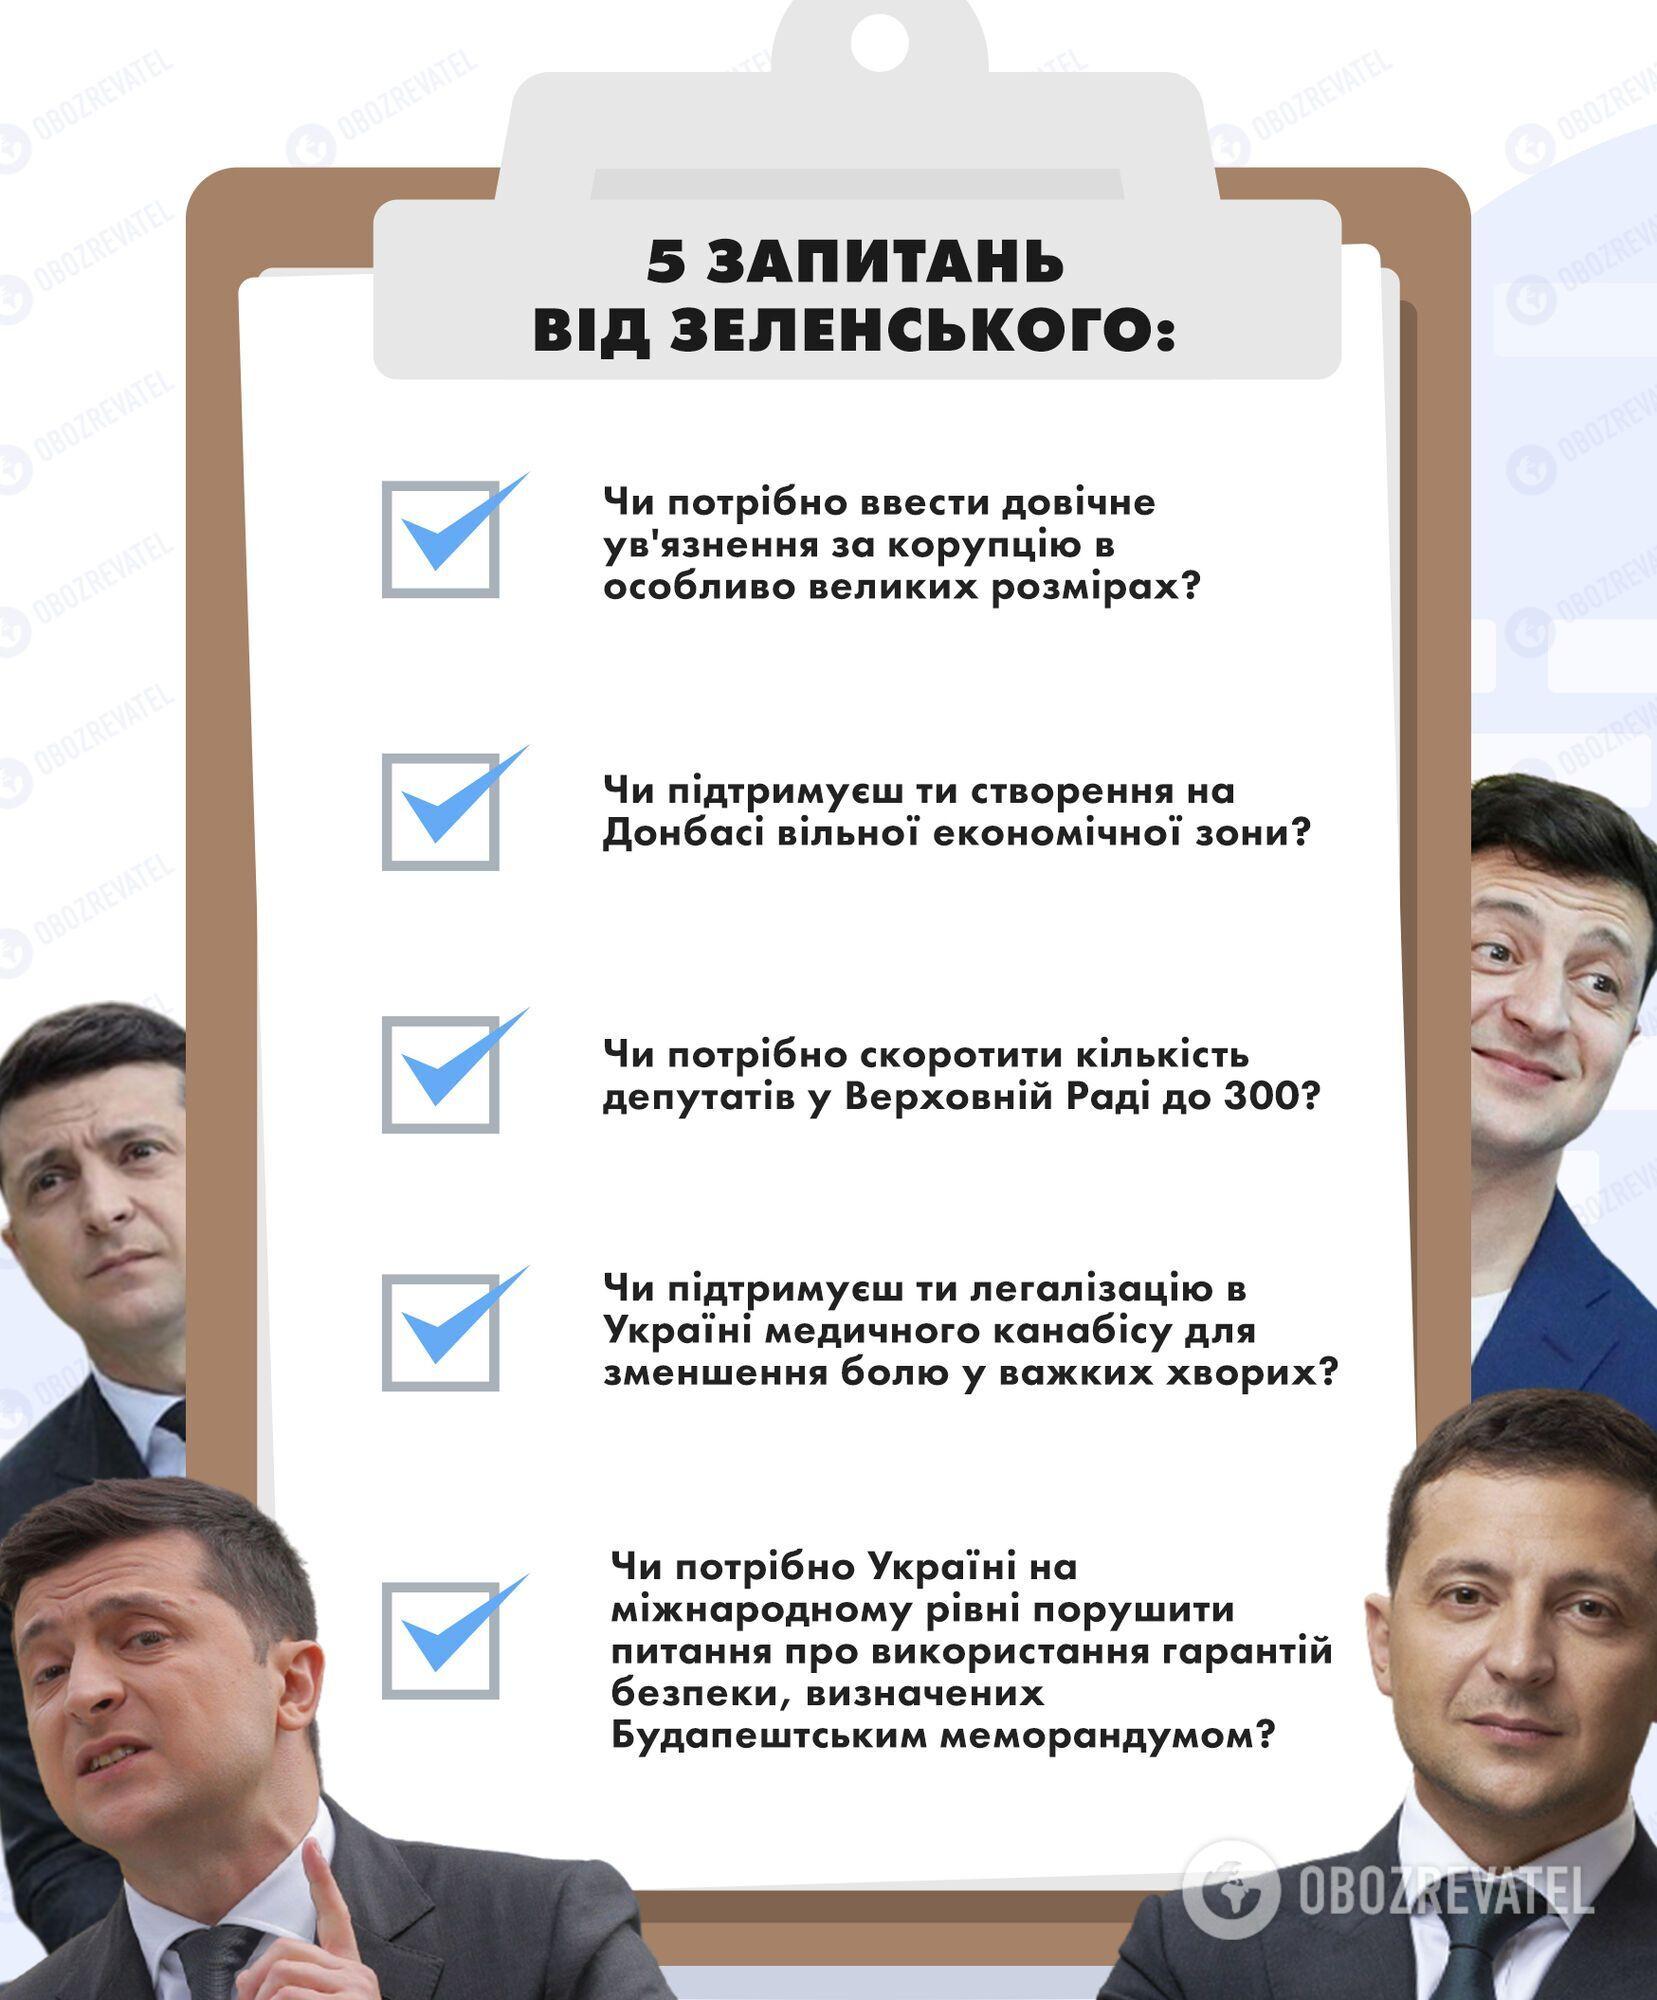 Питання Зеленського до українців.